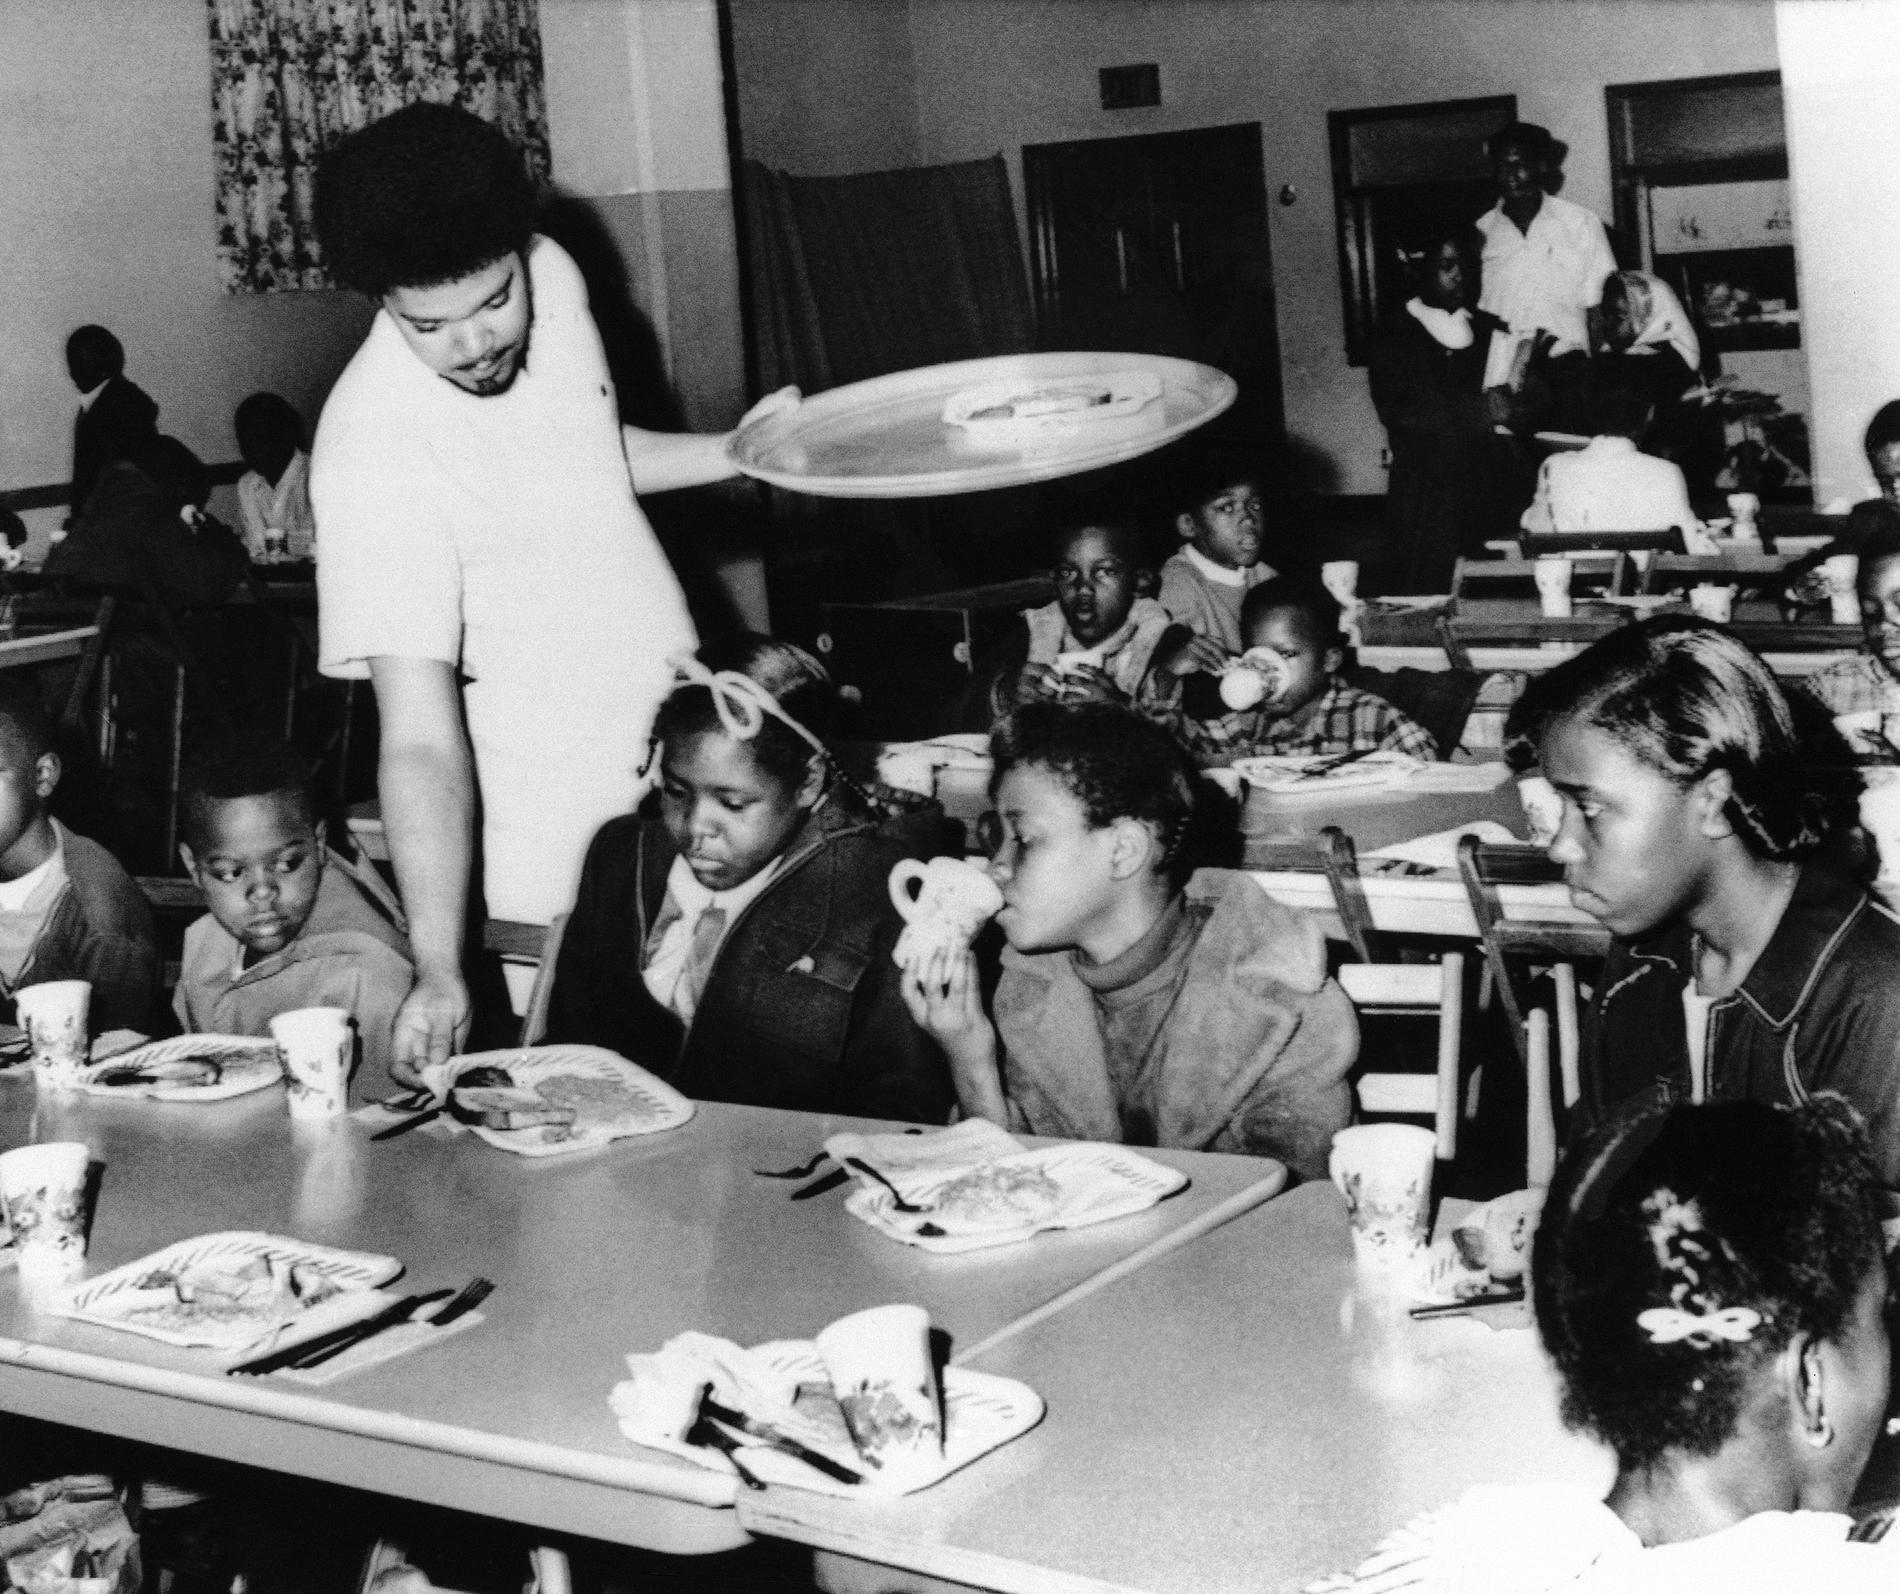 Bill Whitfield, medlem i Svarta pantrarna serverar gratis frukost till skolbarn i Kansas city 1969.